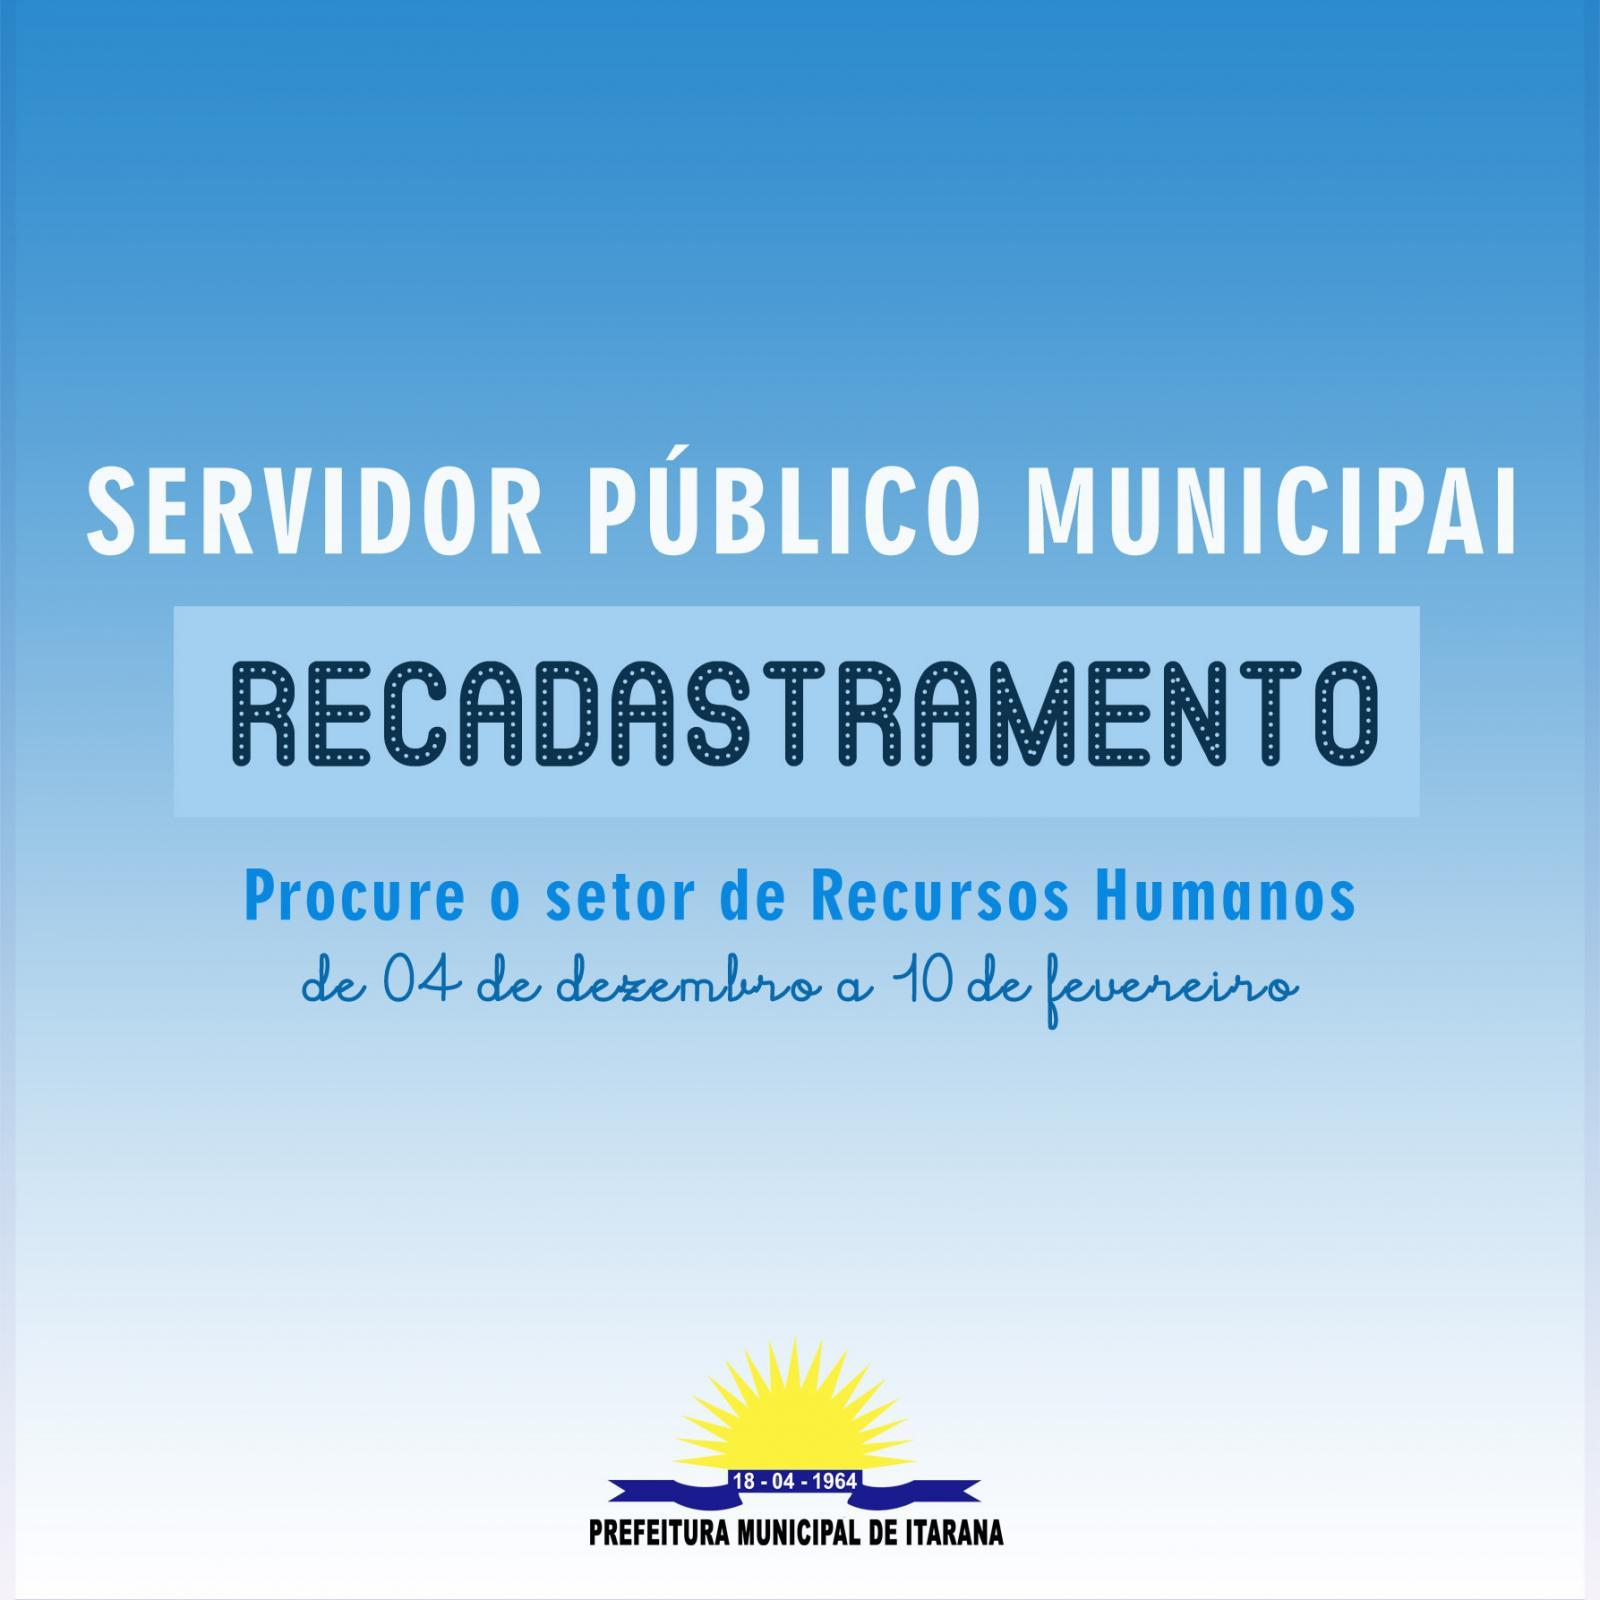 Servidores municipais de Itarana devem fazer recadastramento